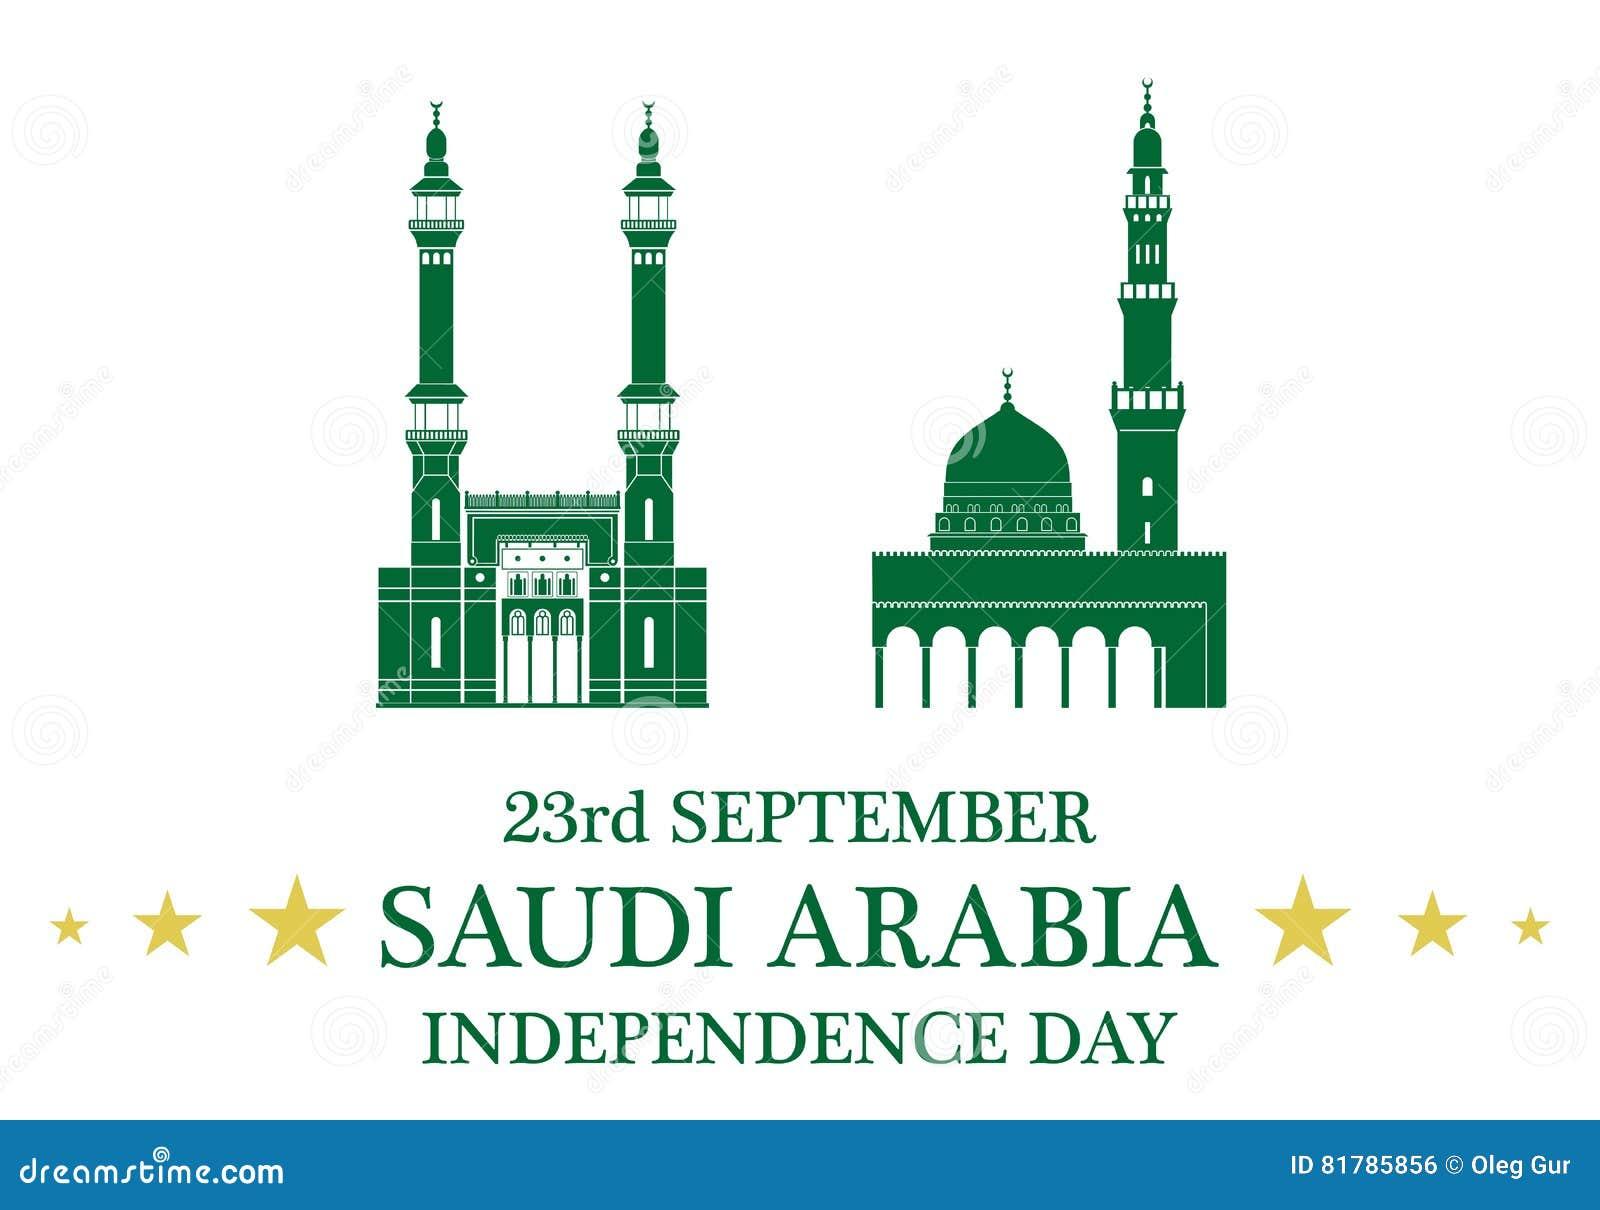 抽象独立日 达成协议阿拉伯半岛地区夹子上色了海拔greyed包括映射路径替补沙特被遮蔽的状态周围的领土